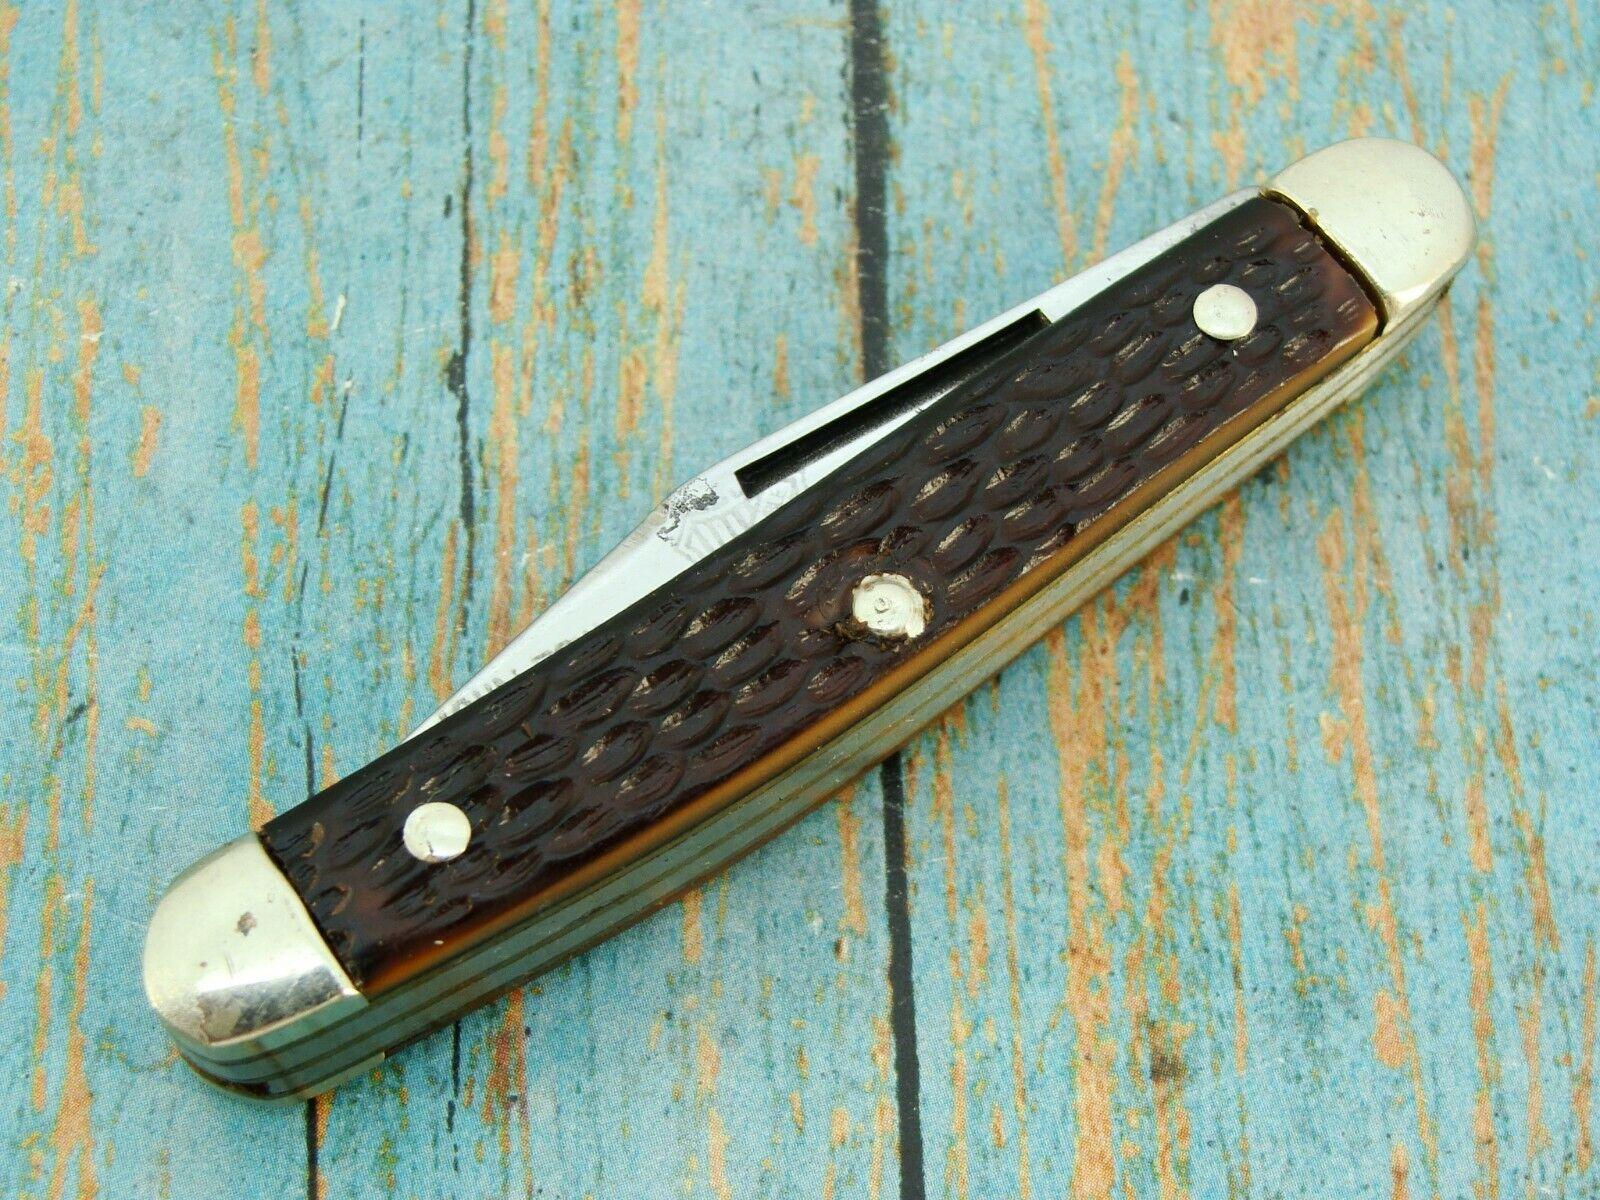 VINTAGE JOHN PRIMBLE USA 5380 FOLDING STOCKMAN JACK POCKET KNIFE BOKER KNIVES